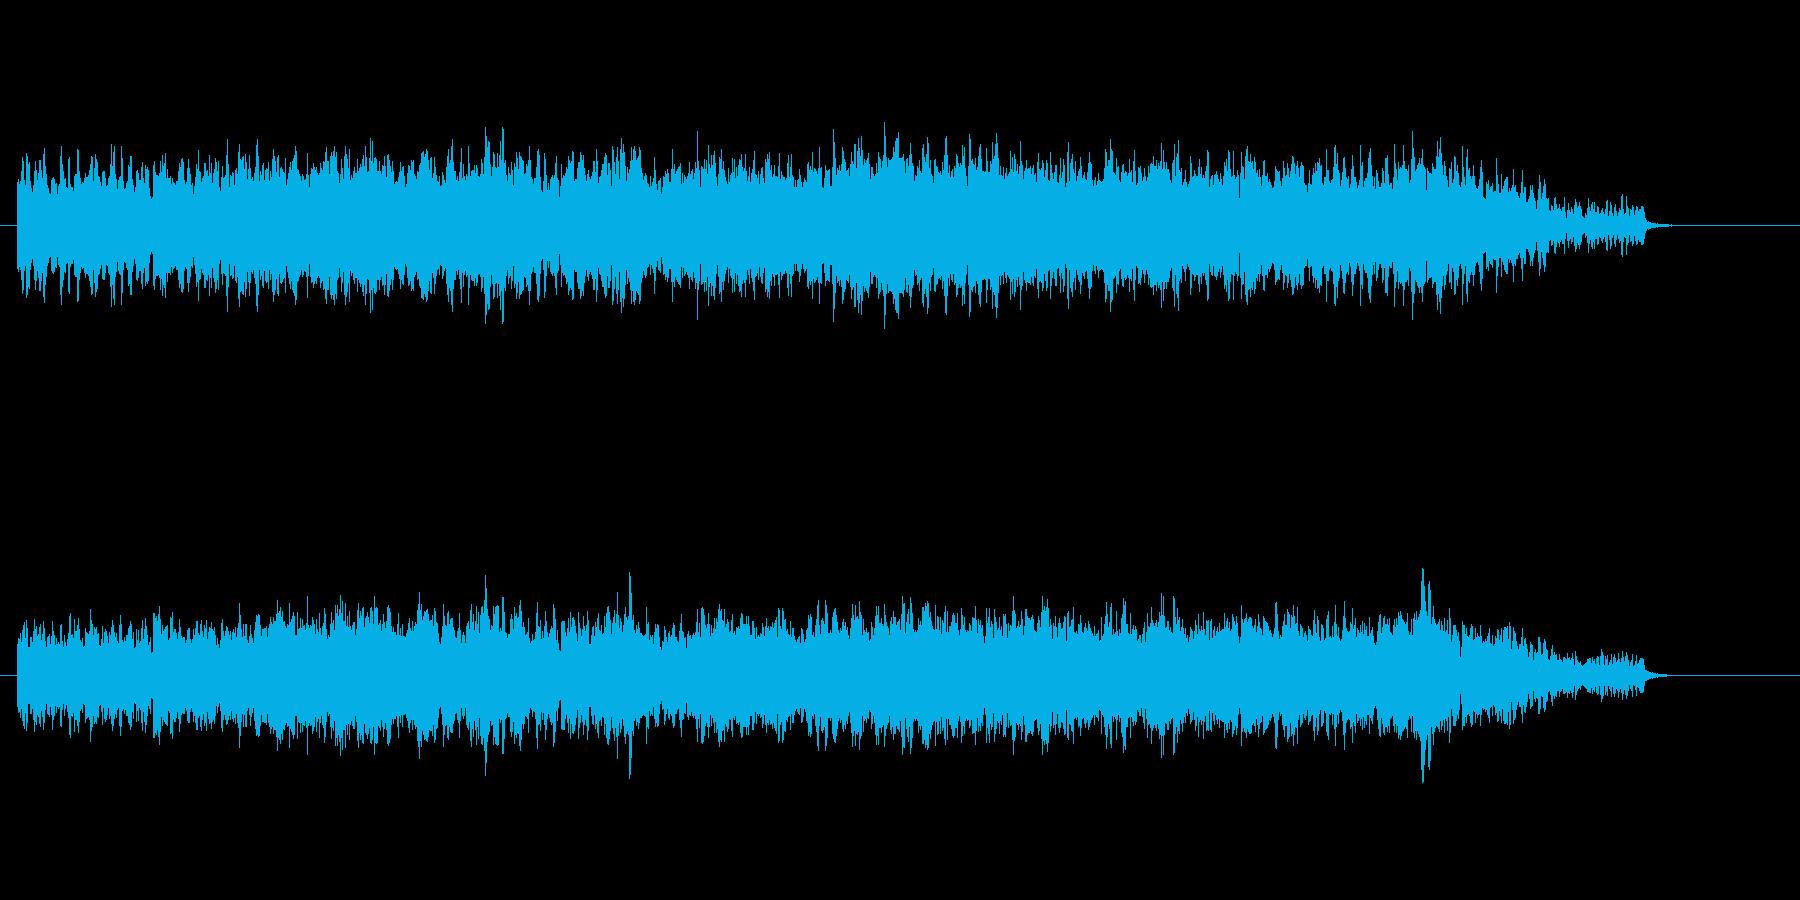 無機質な感じの環境音楽の再生済みの波形